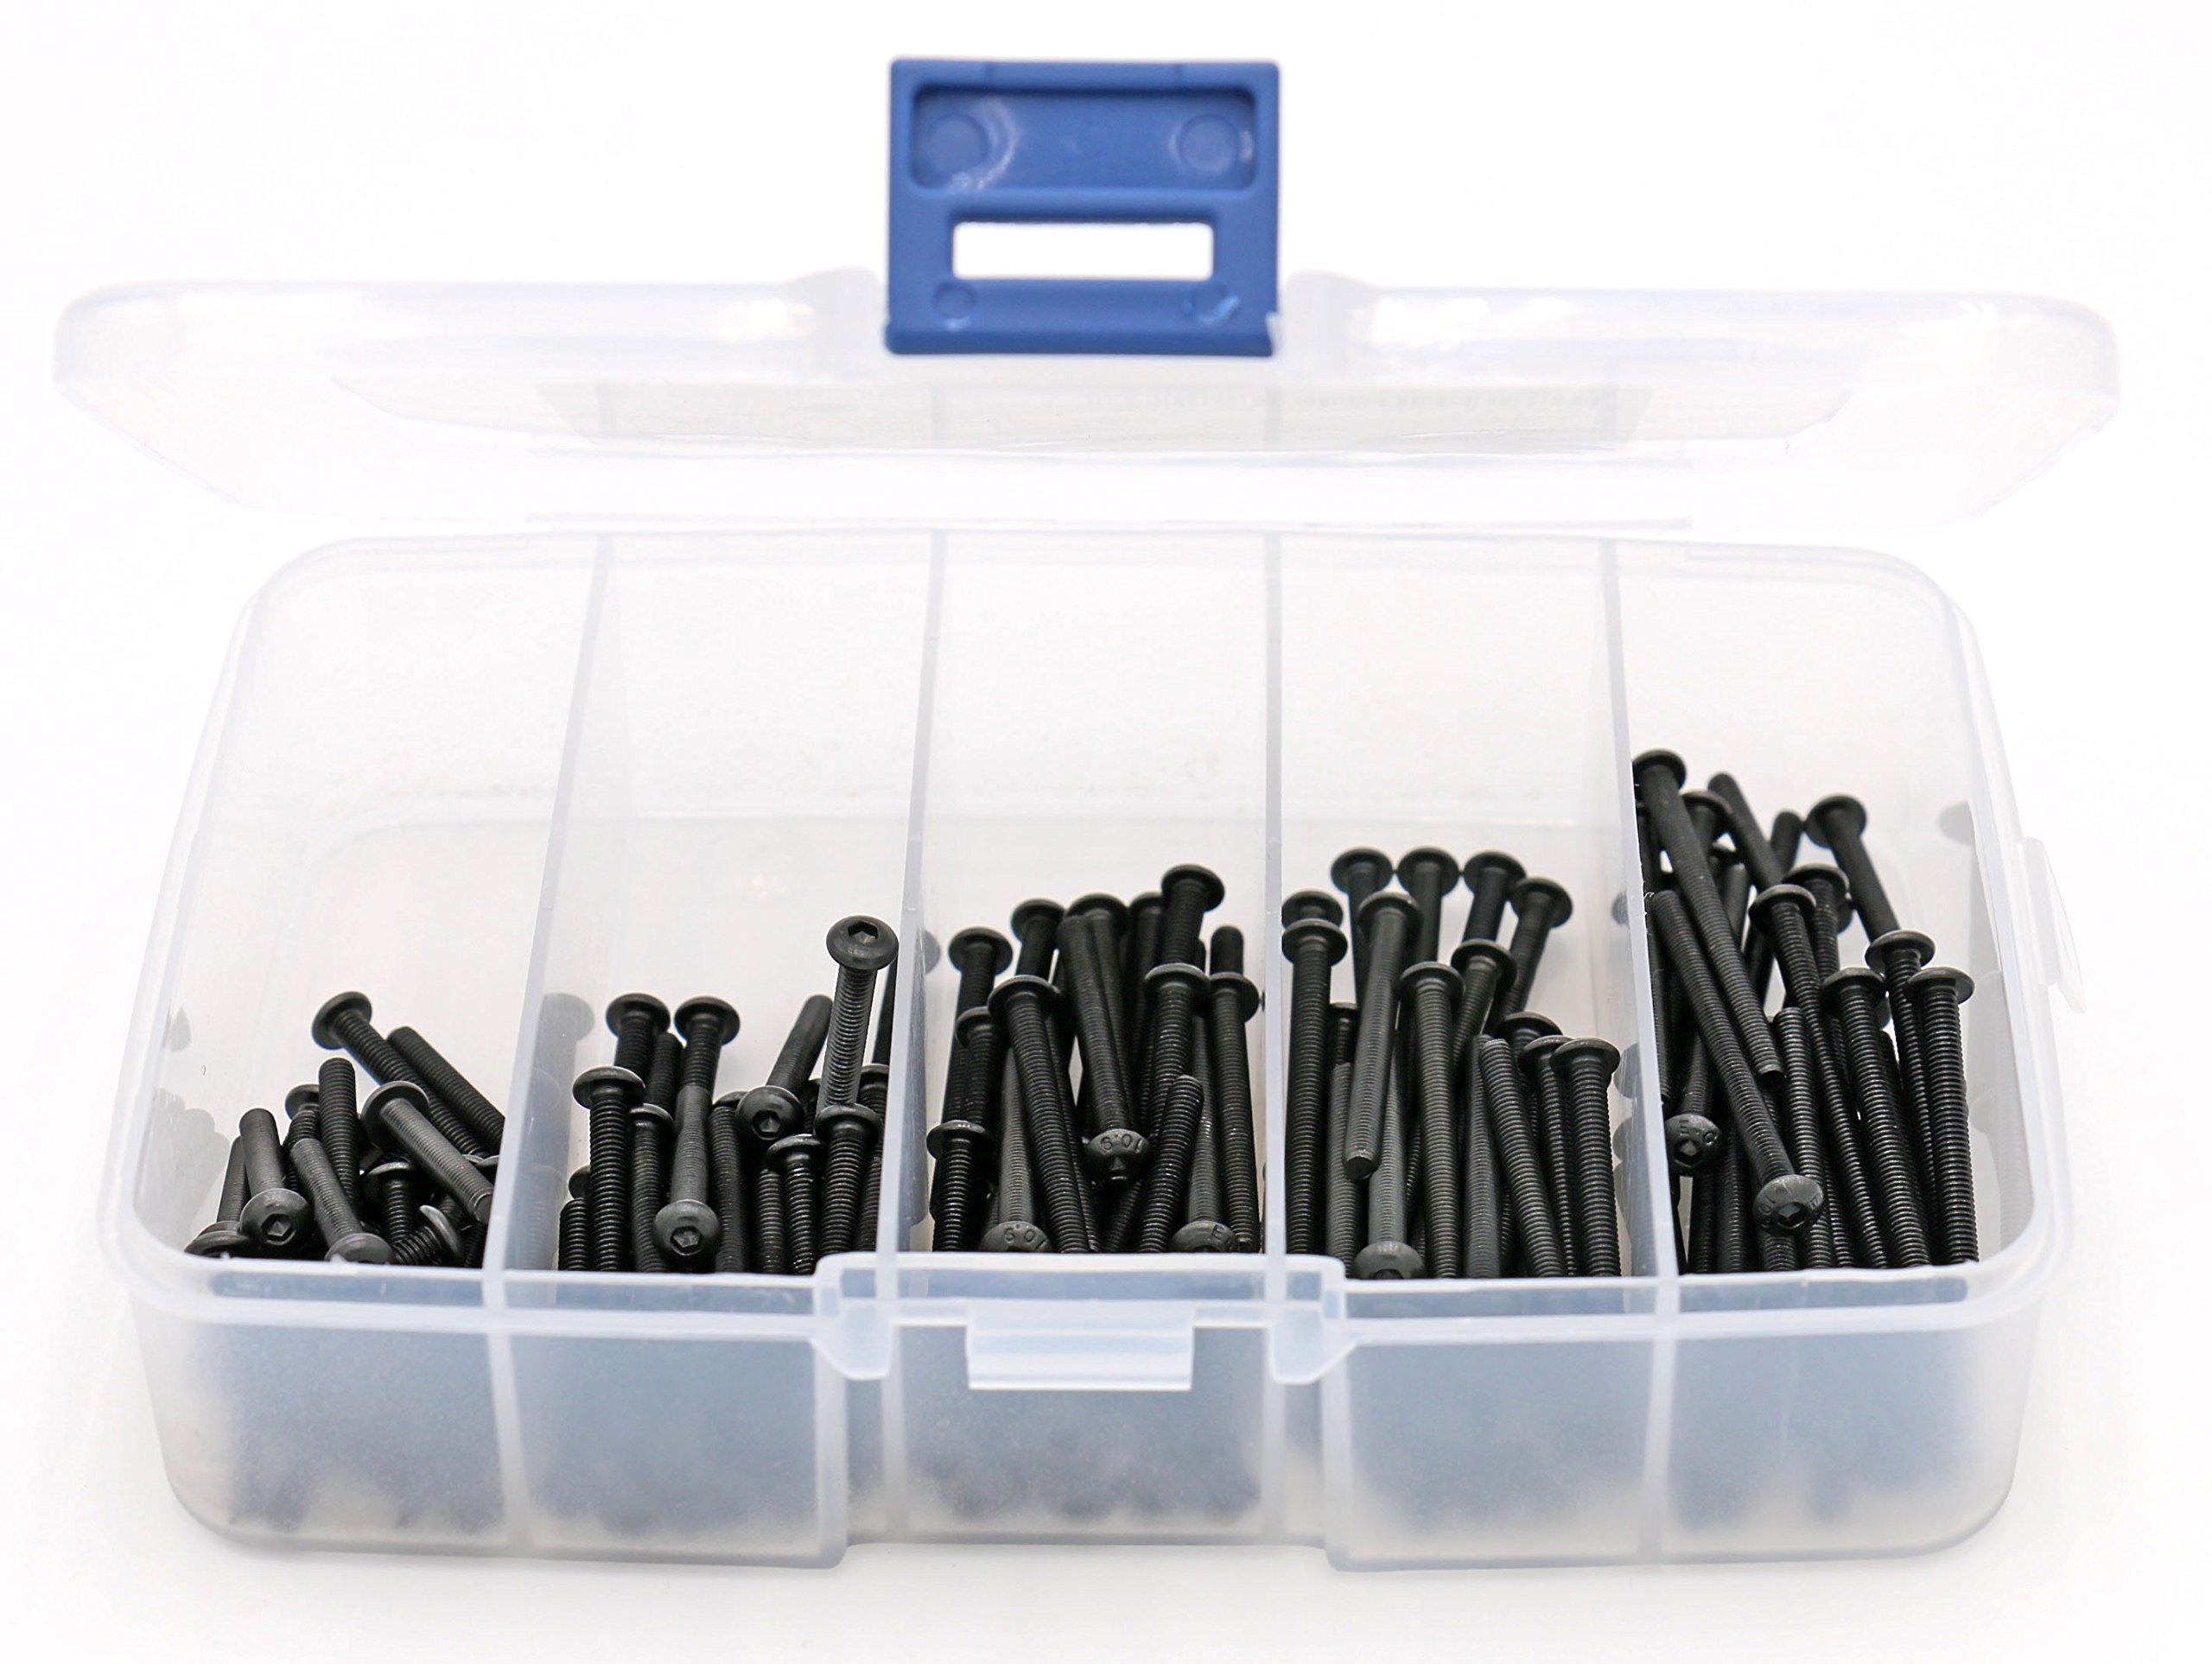 iExcell 125Pcs M3 x 20mm/25mm/30mm/35mm/40mm Button Head Hex Socket Cap Screws Kit,10.9 Grade Alloy Steel, Black Oxide Finish